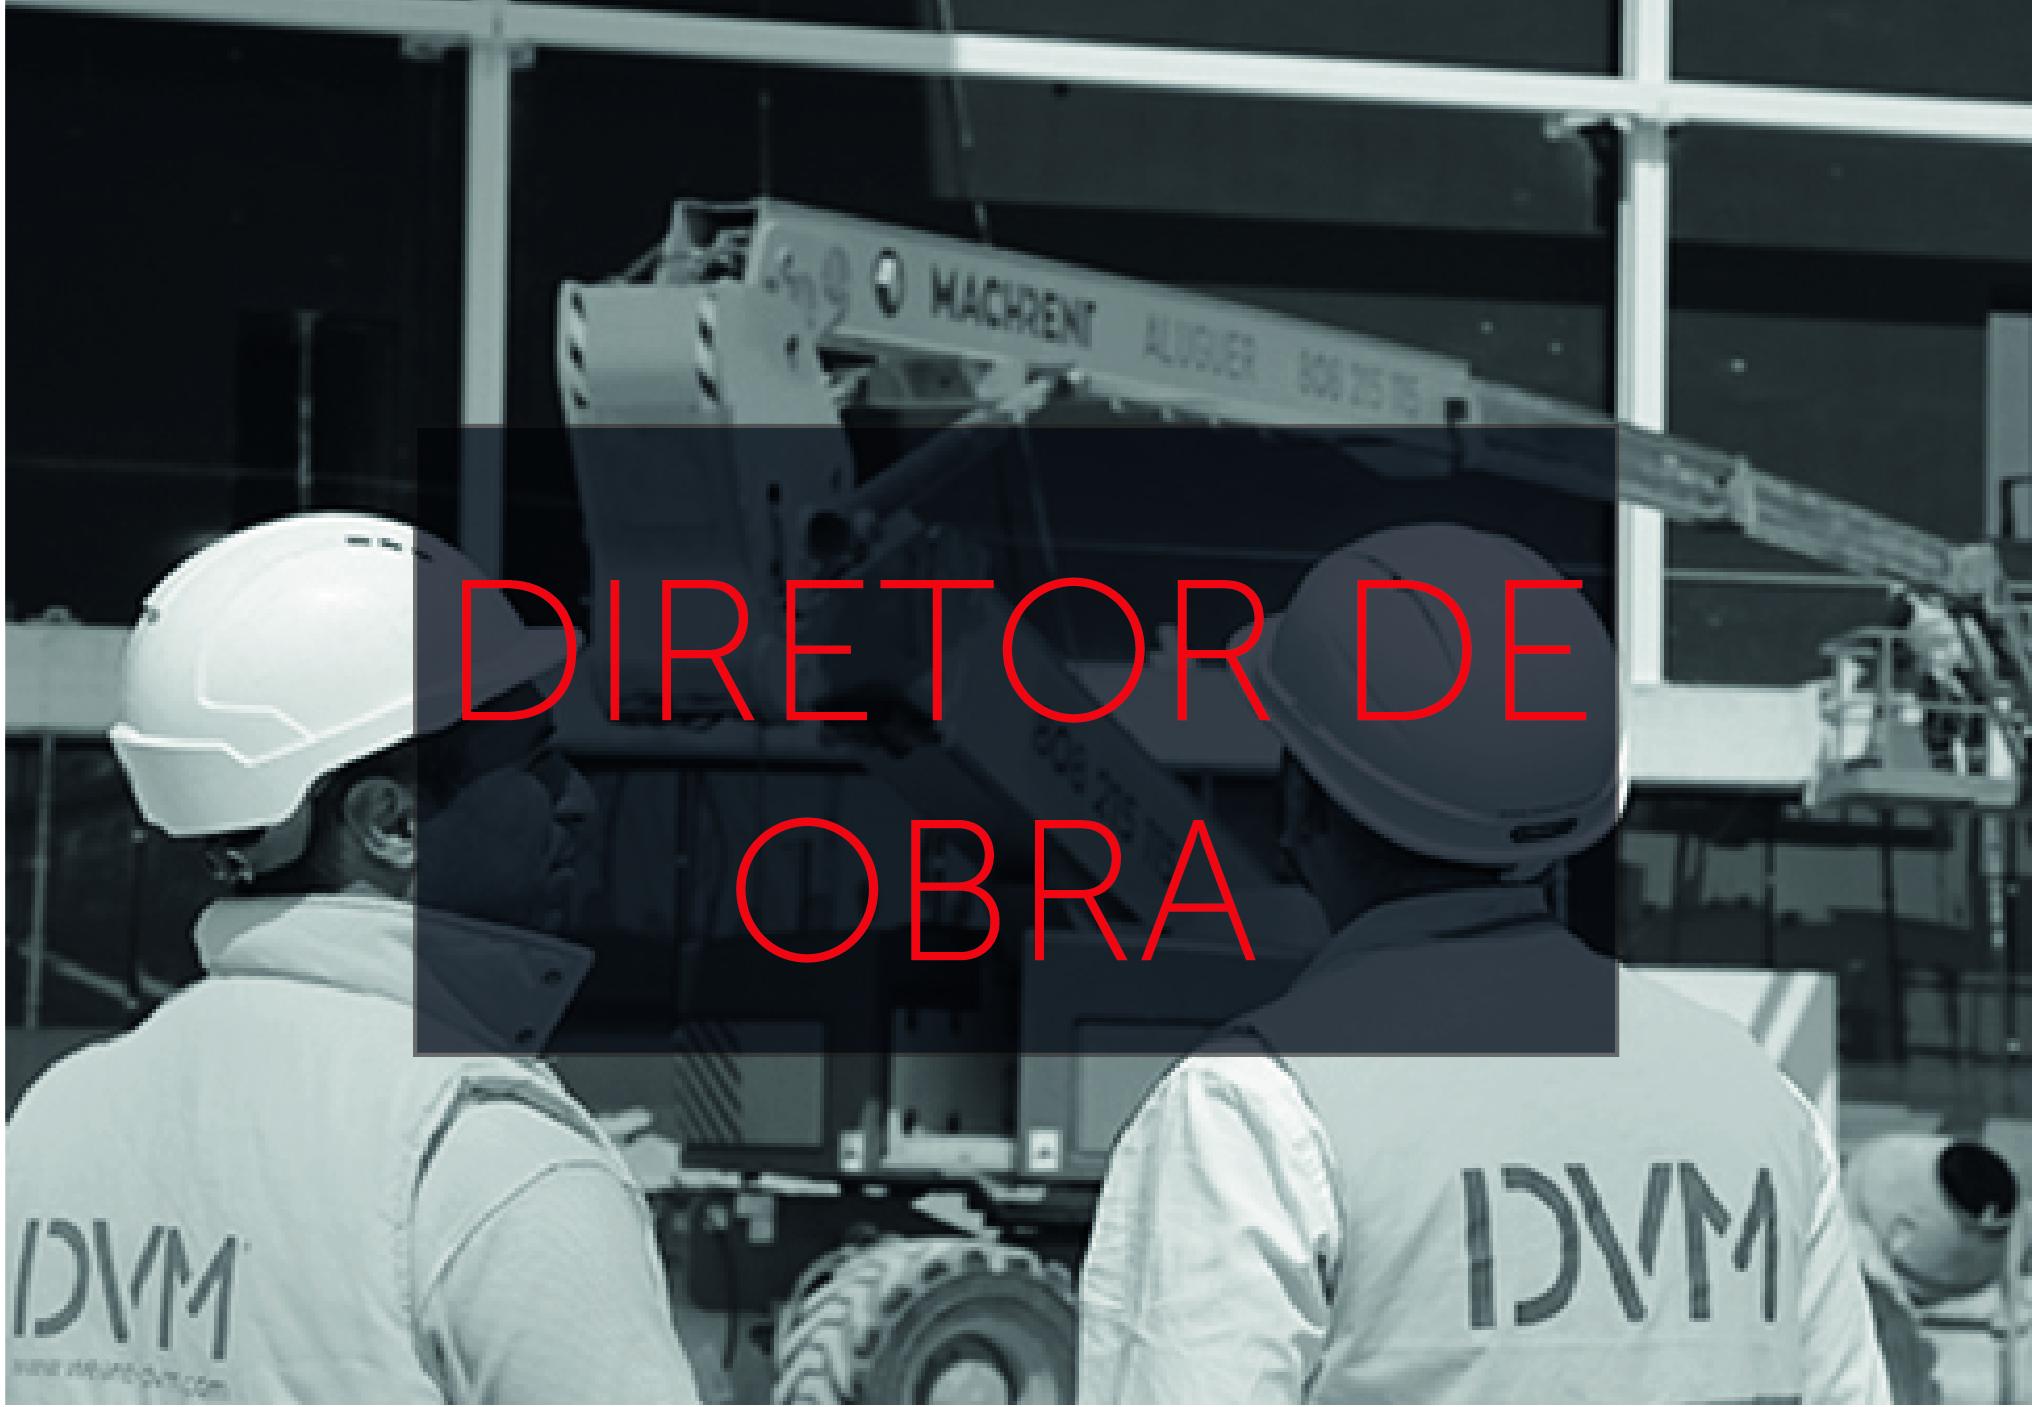 DIRETOR DE OBRA